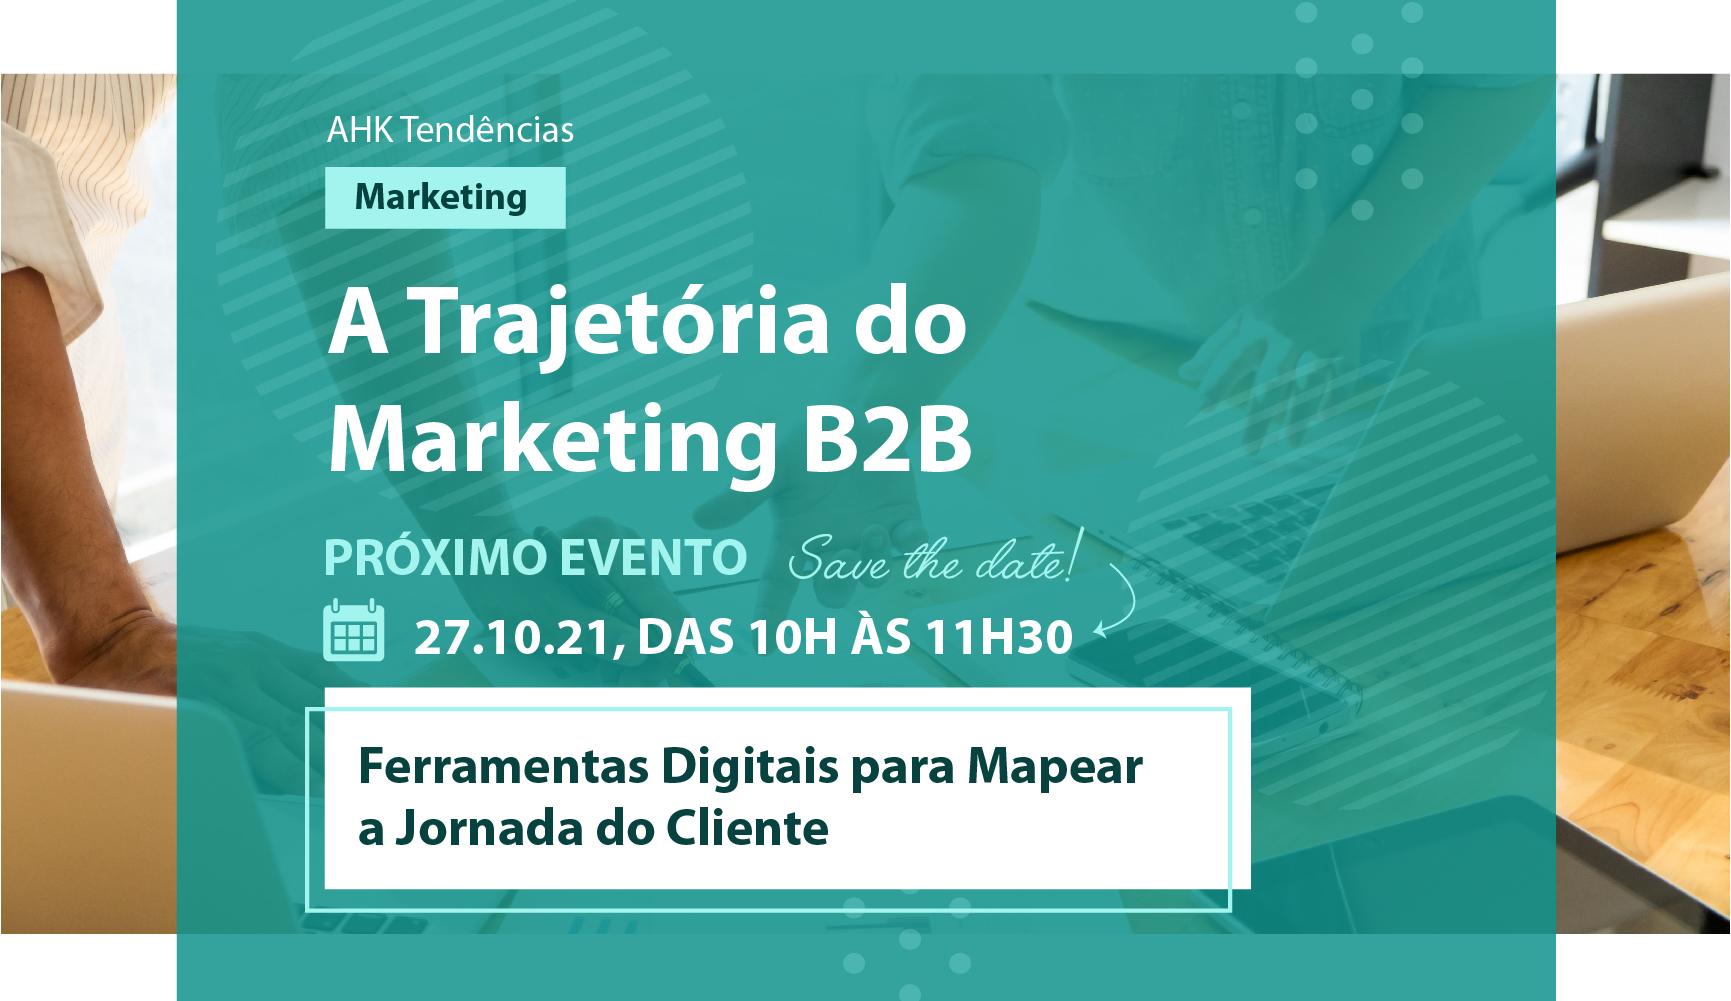 Série | A Trajetória do Marketing B2B - Episódio 3 | Ferramentas Digitais para Mapear a Jornada do Cliente